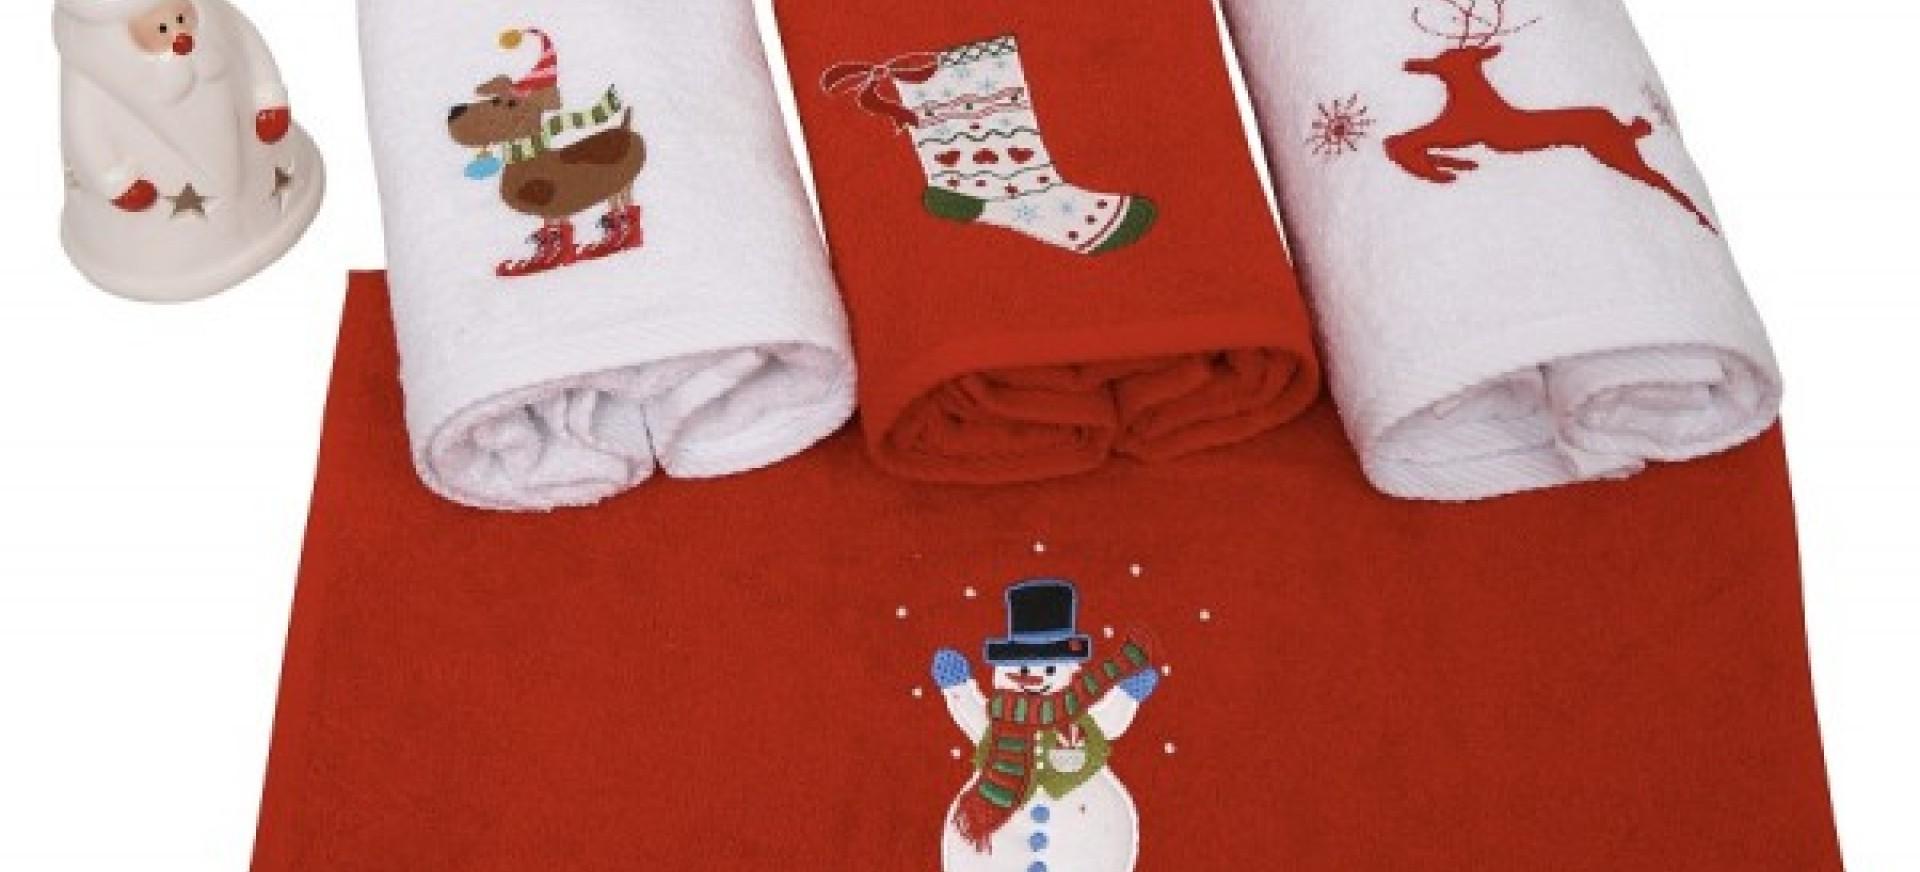 Πετσέτες Χριστουγεννιάτικες